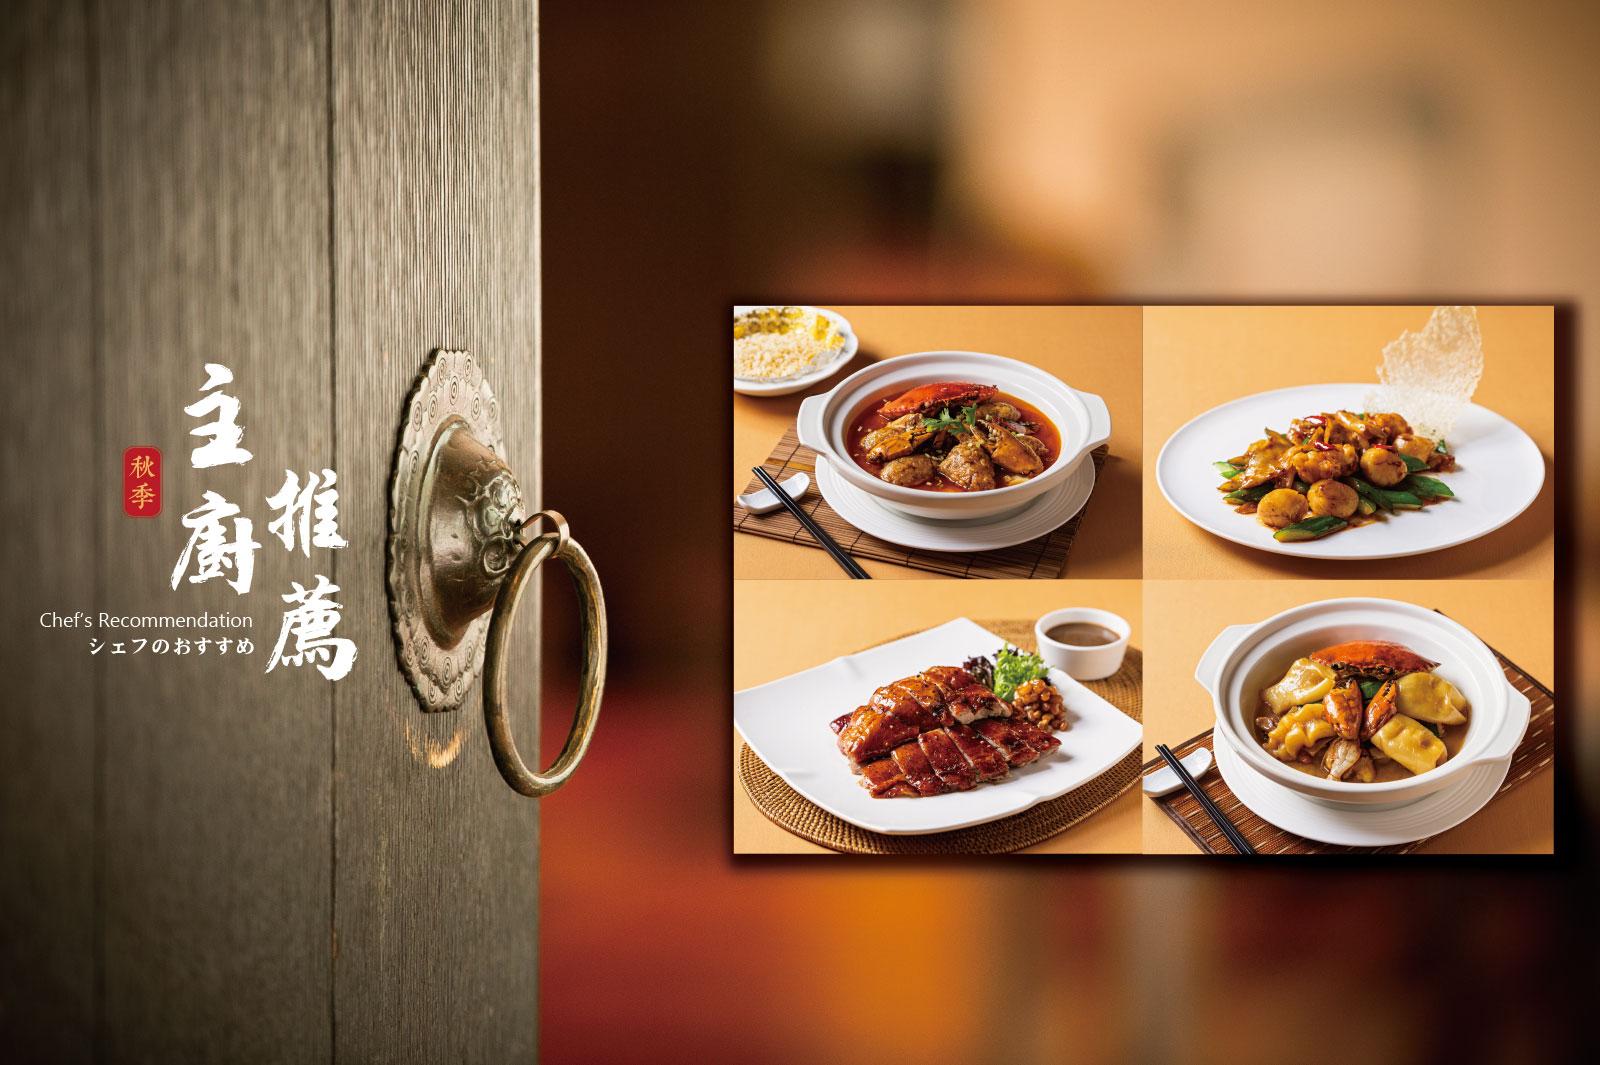 2021國賓粵菜廳 主廚推薦 秋蟹料理